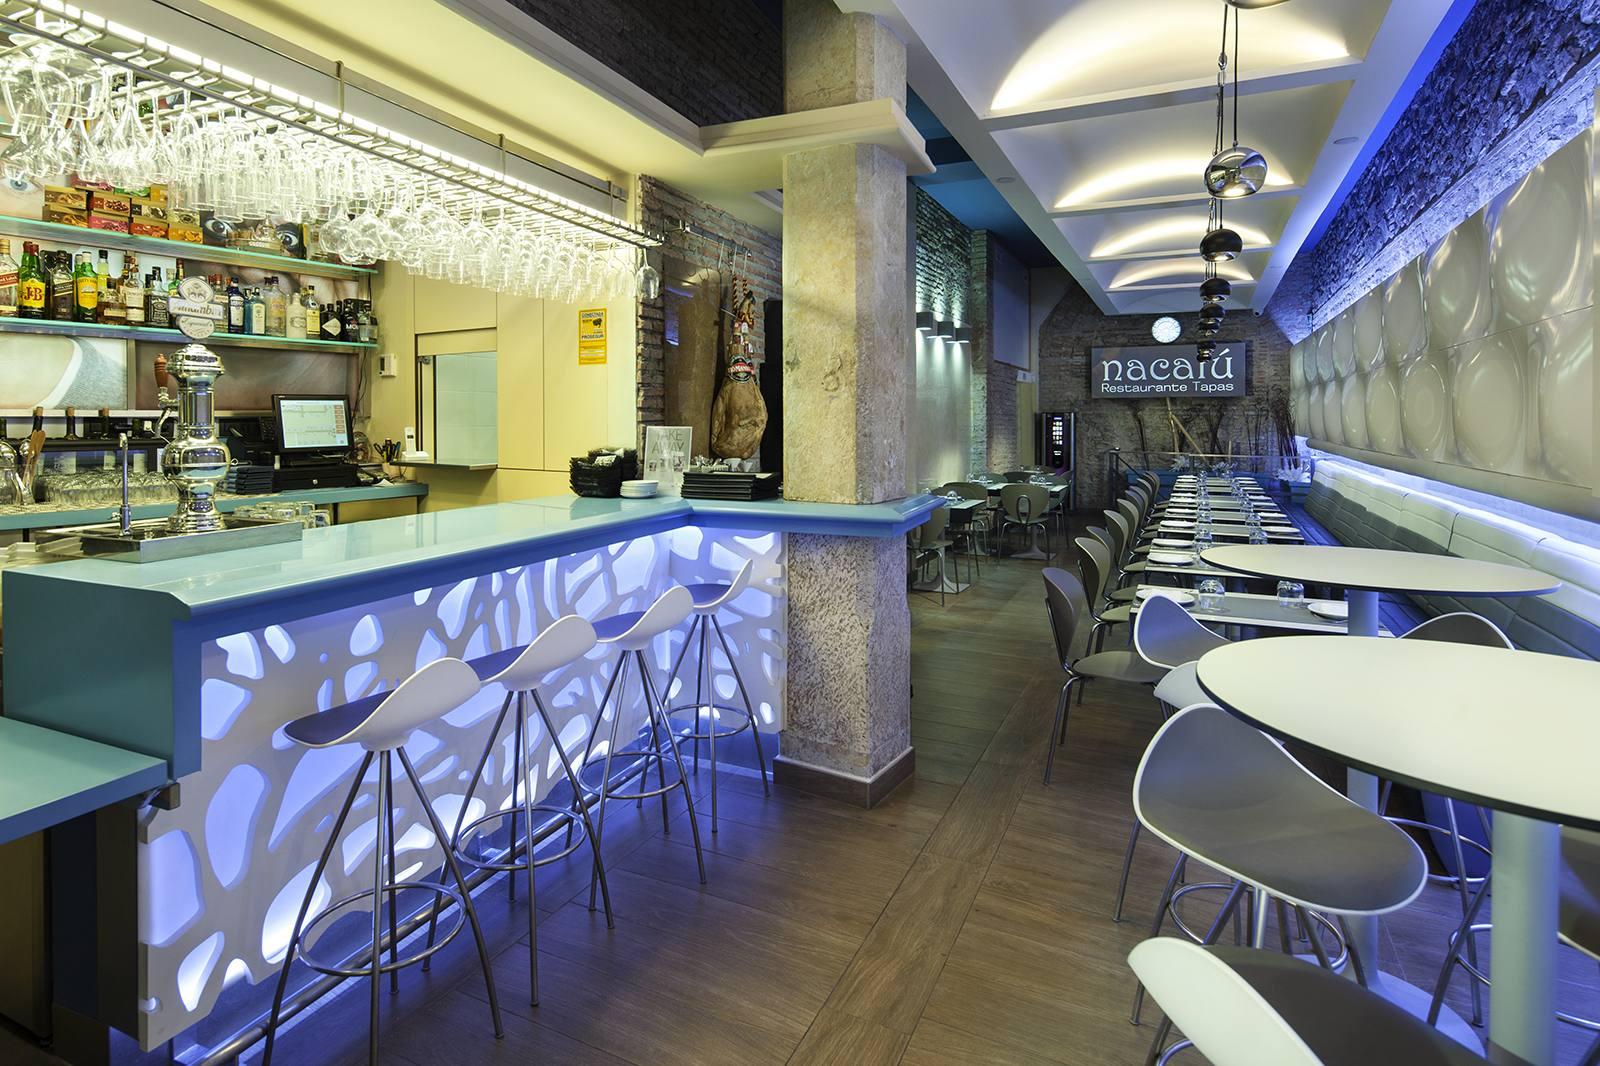 restaurante en malaga - fotógrafo de arquitectura - fotógrafo para restaurantes